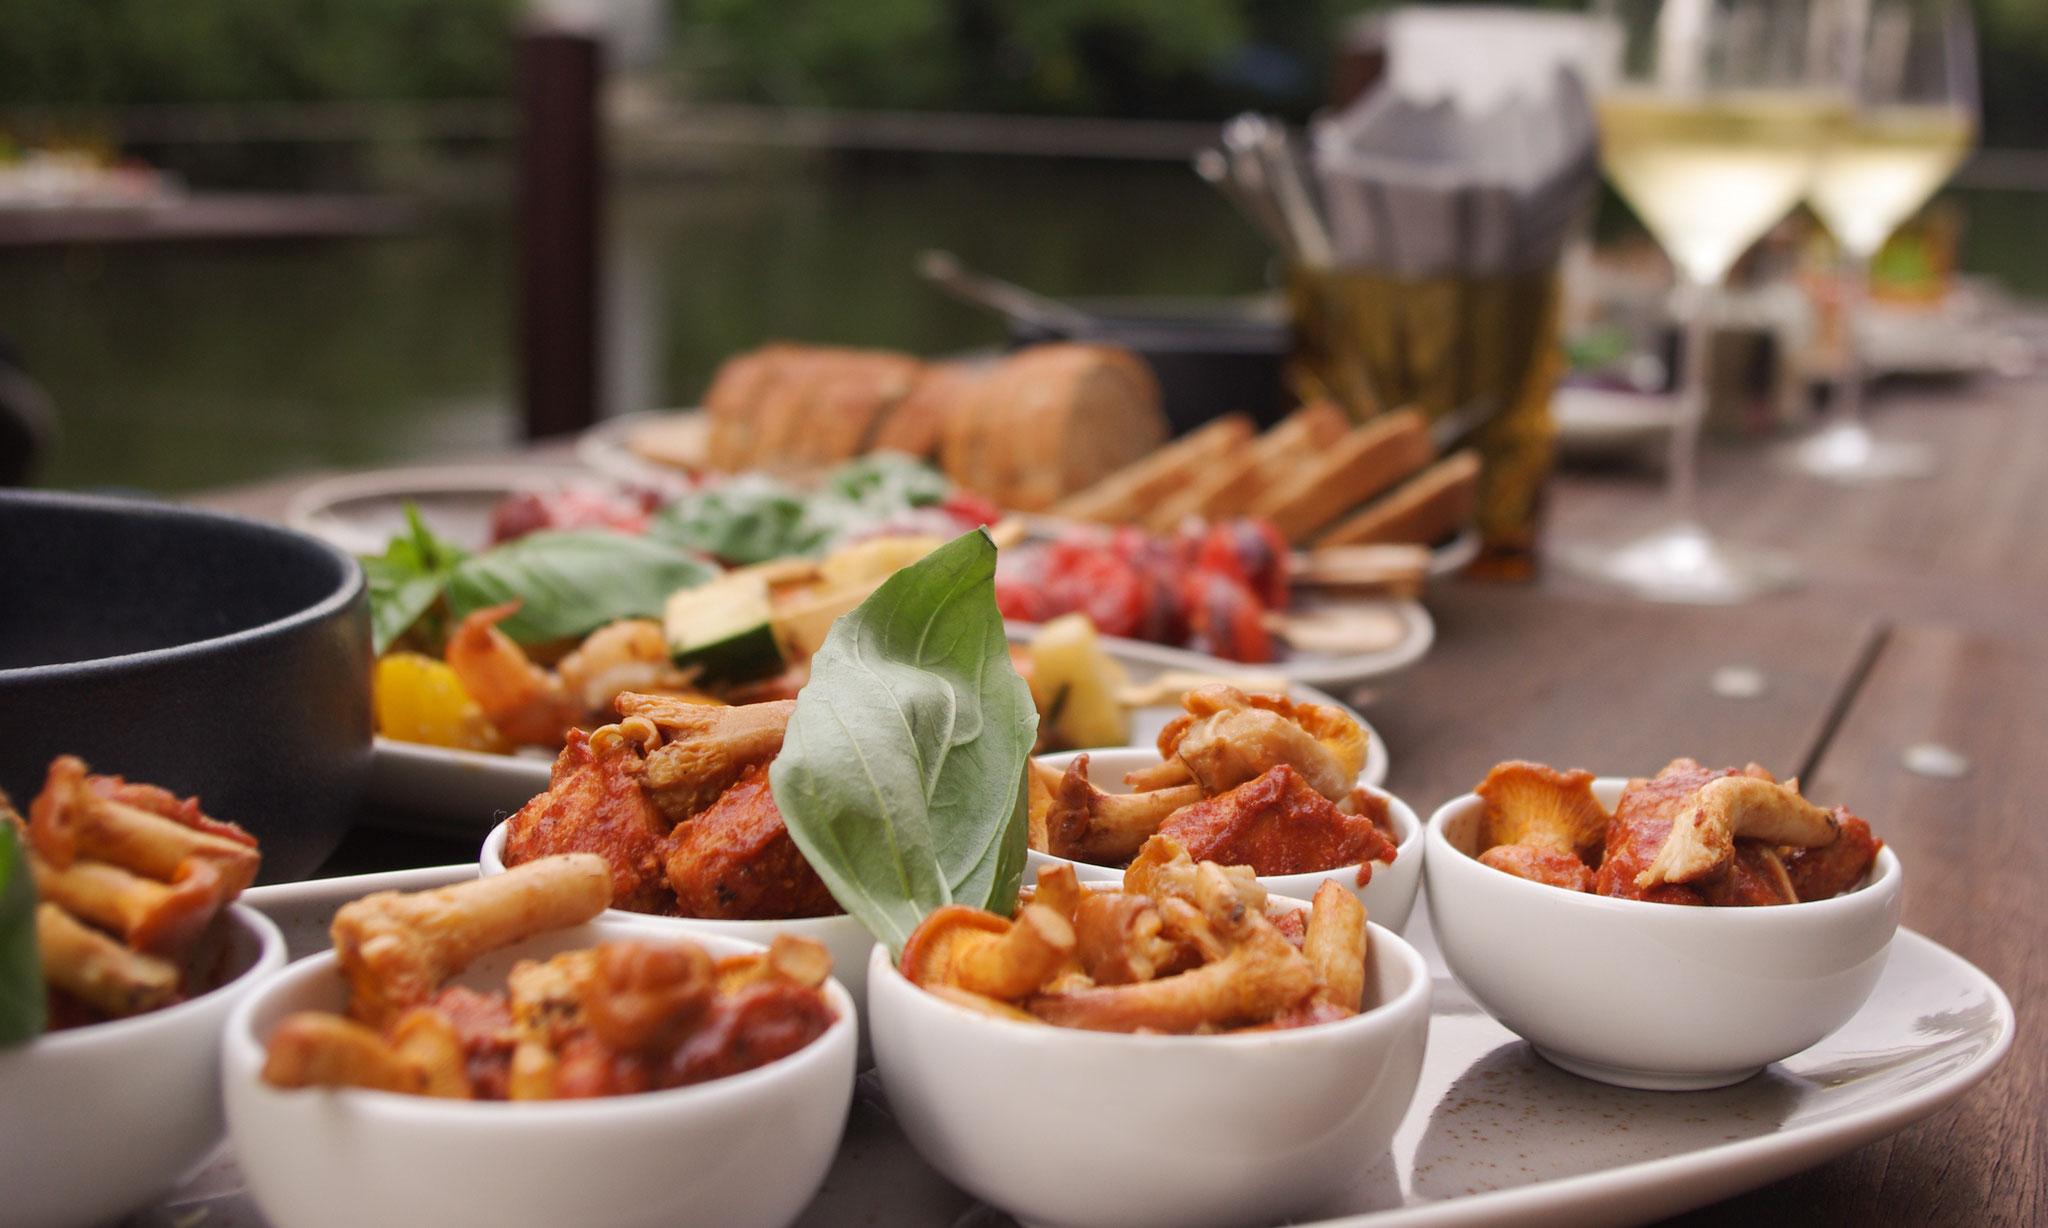 In unserem Restaurant legen wir viel Wert auf gutes saisonales und regionales Essen.